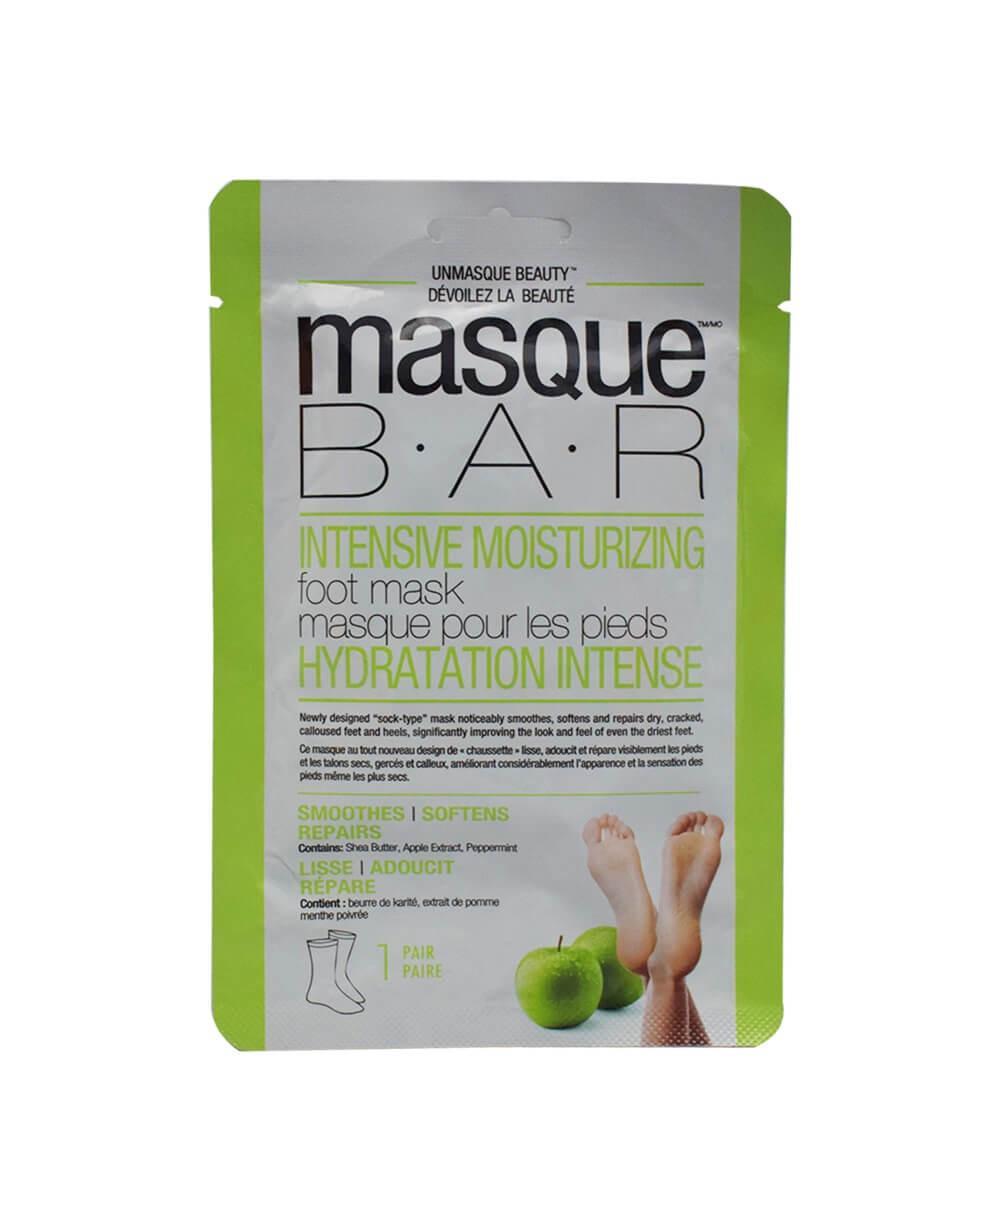 Masque Bar Intensive Moisturising Foot Mask 1 Pair